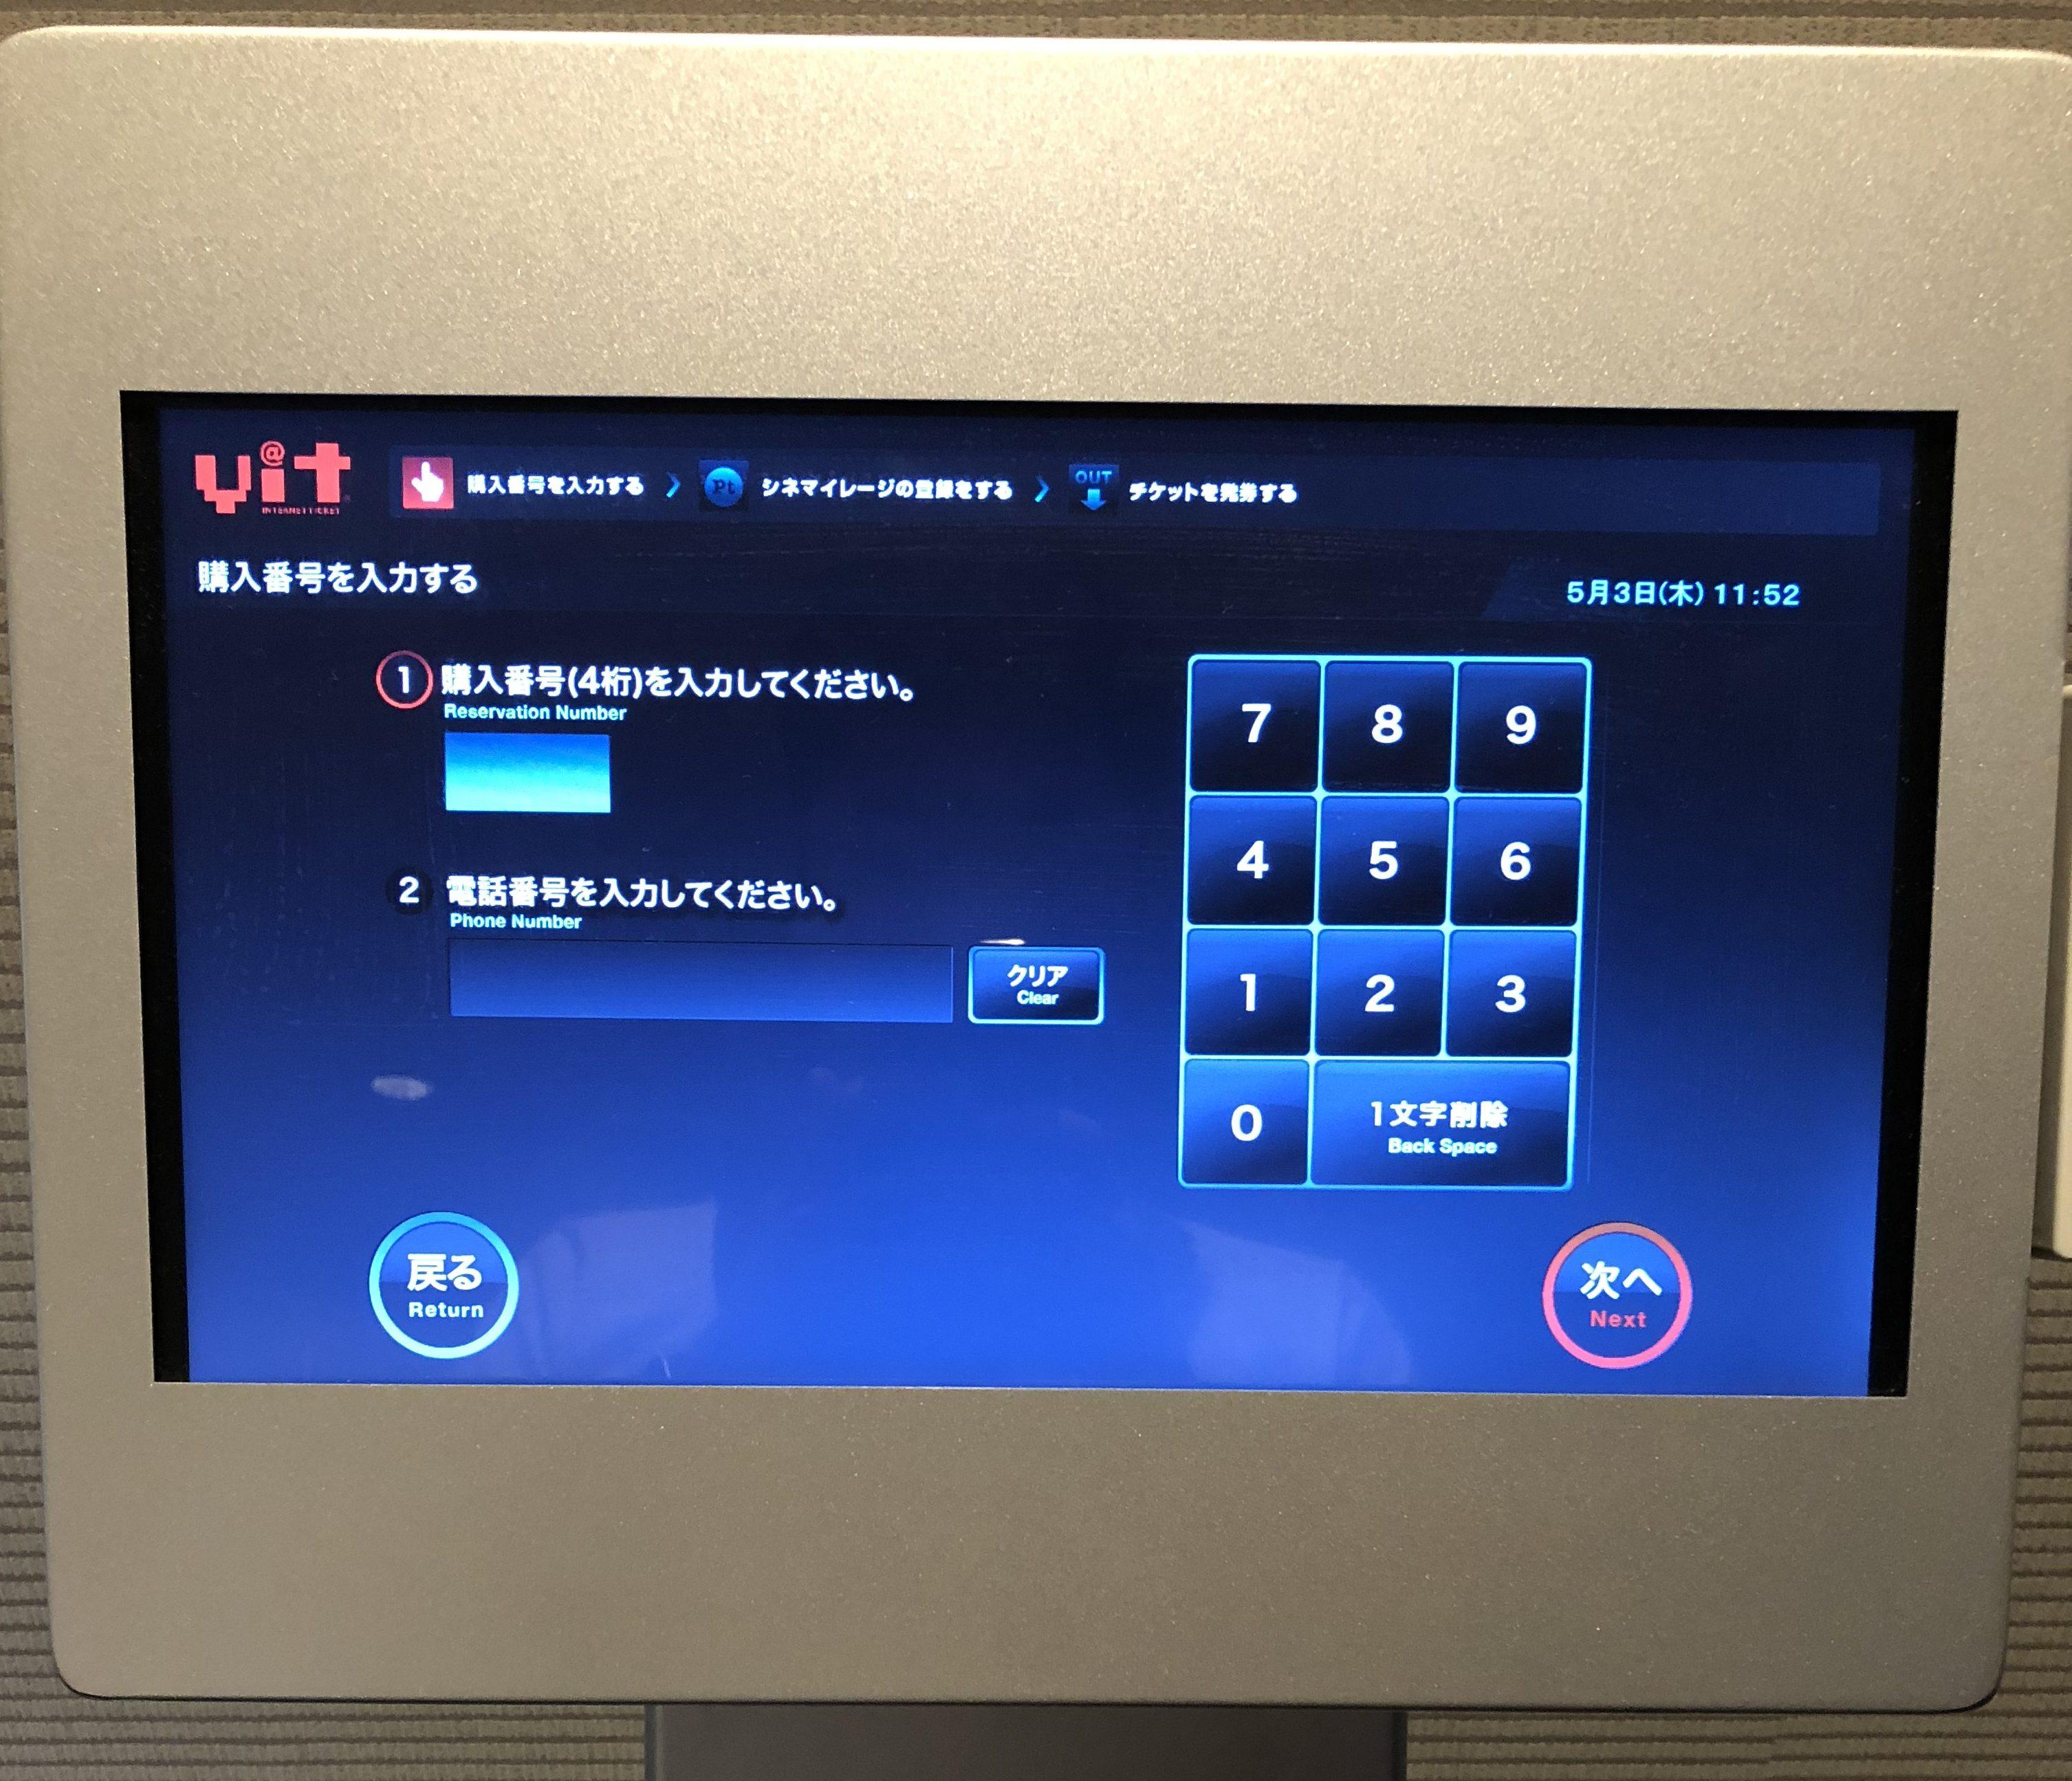 toho-cinemas-vit-ticketing-how-to-3